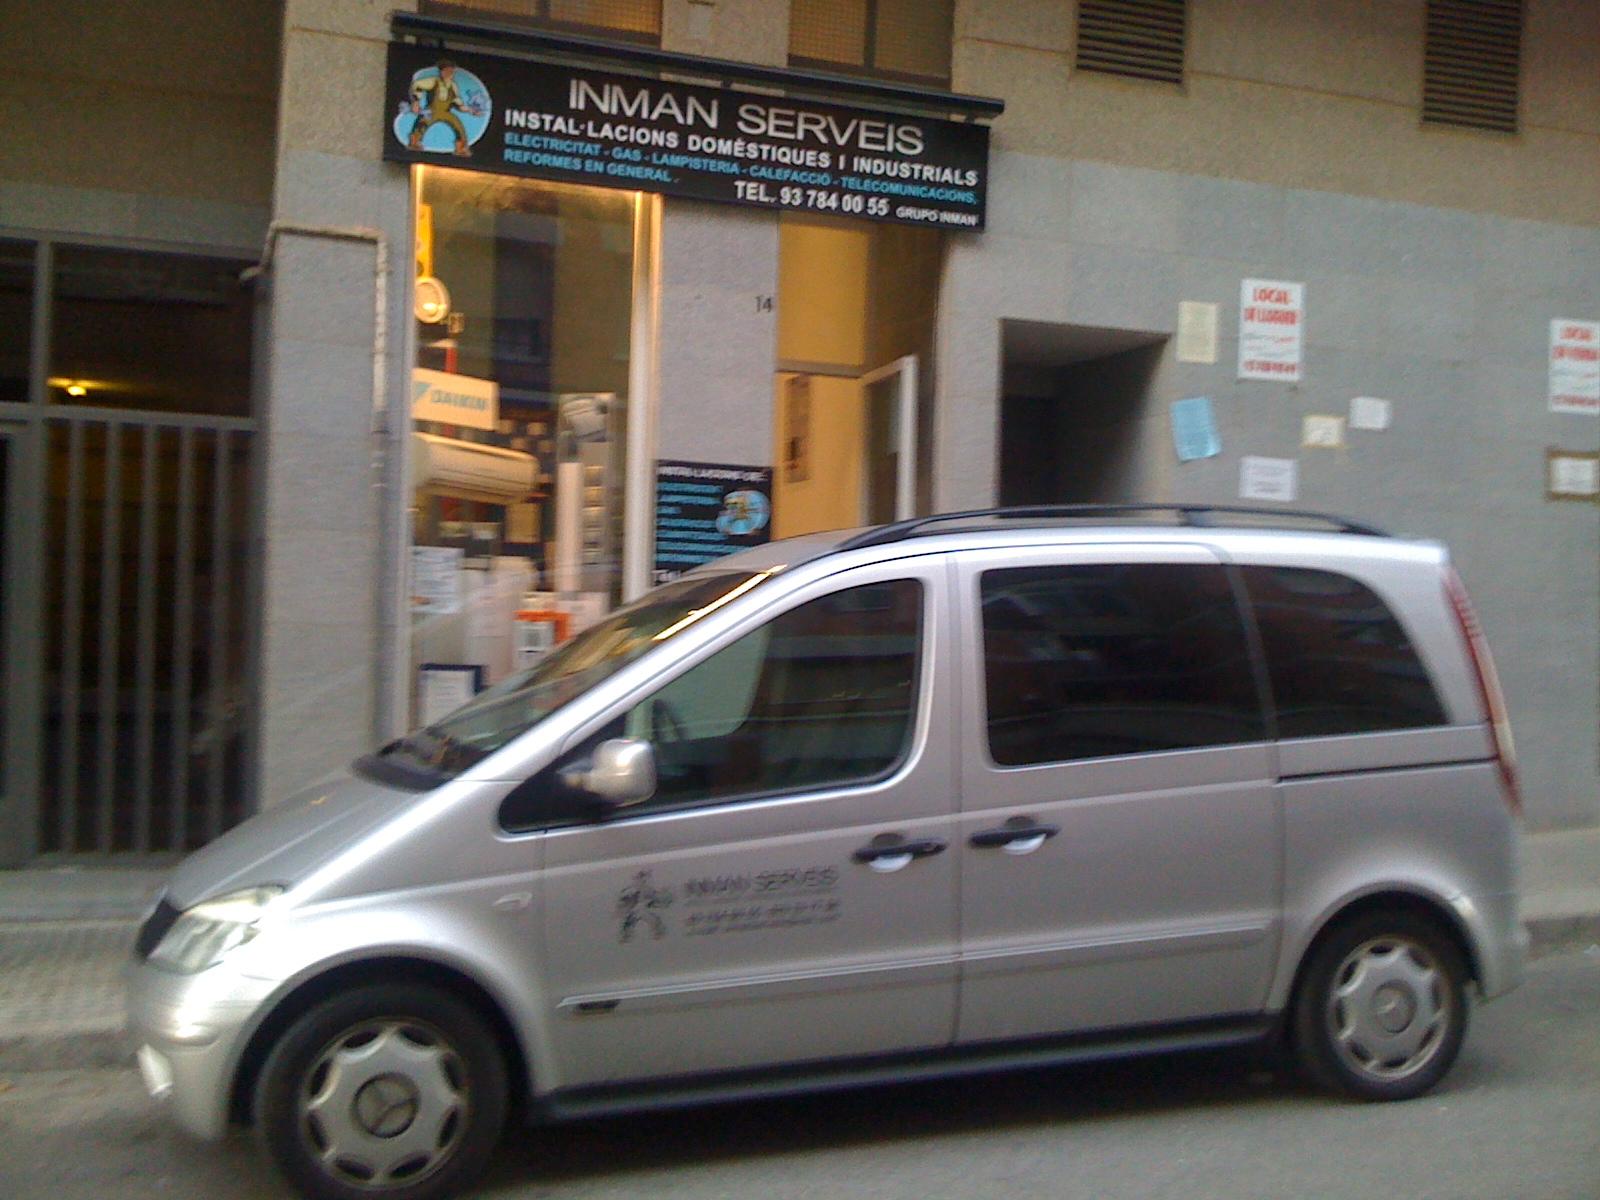 electricidad barcelona inman serveis tiensa